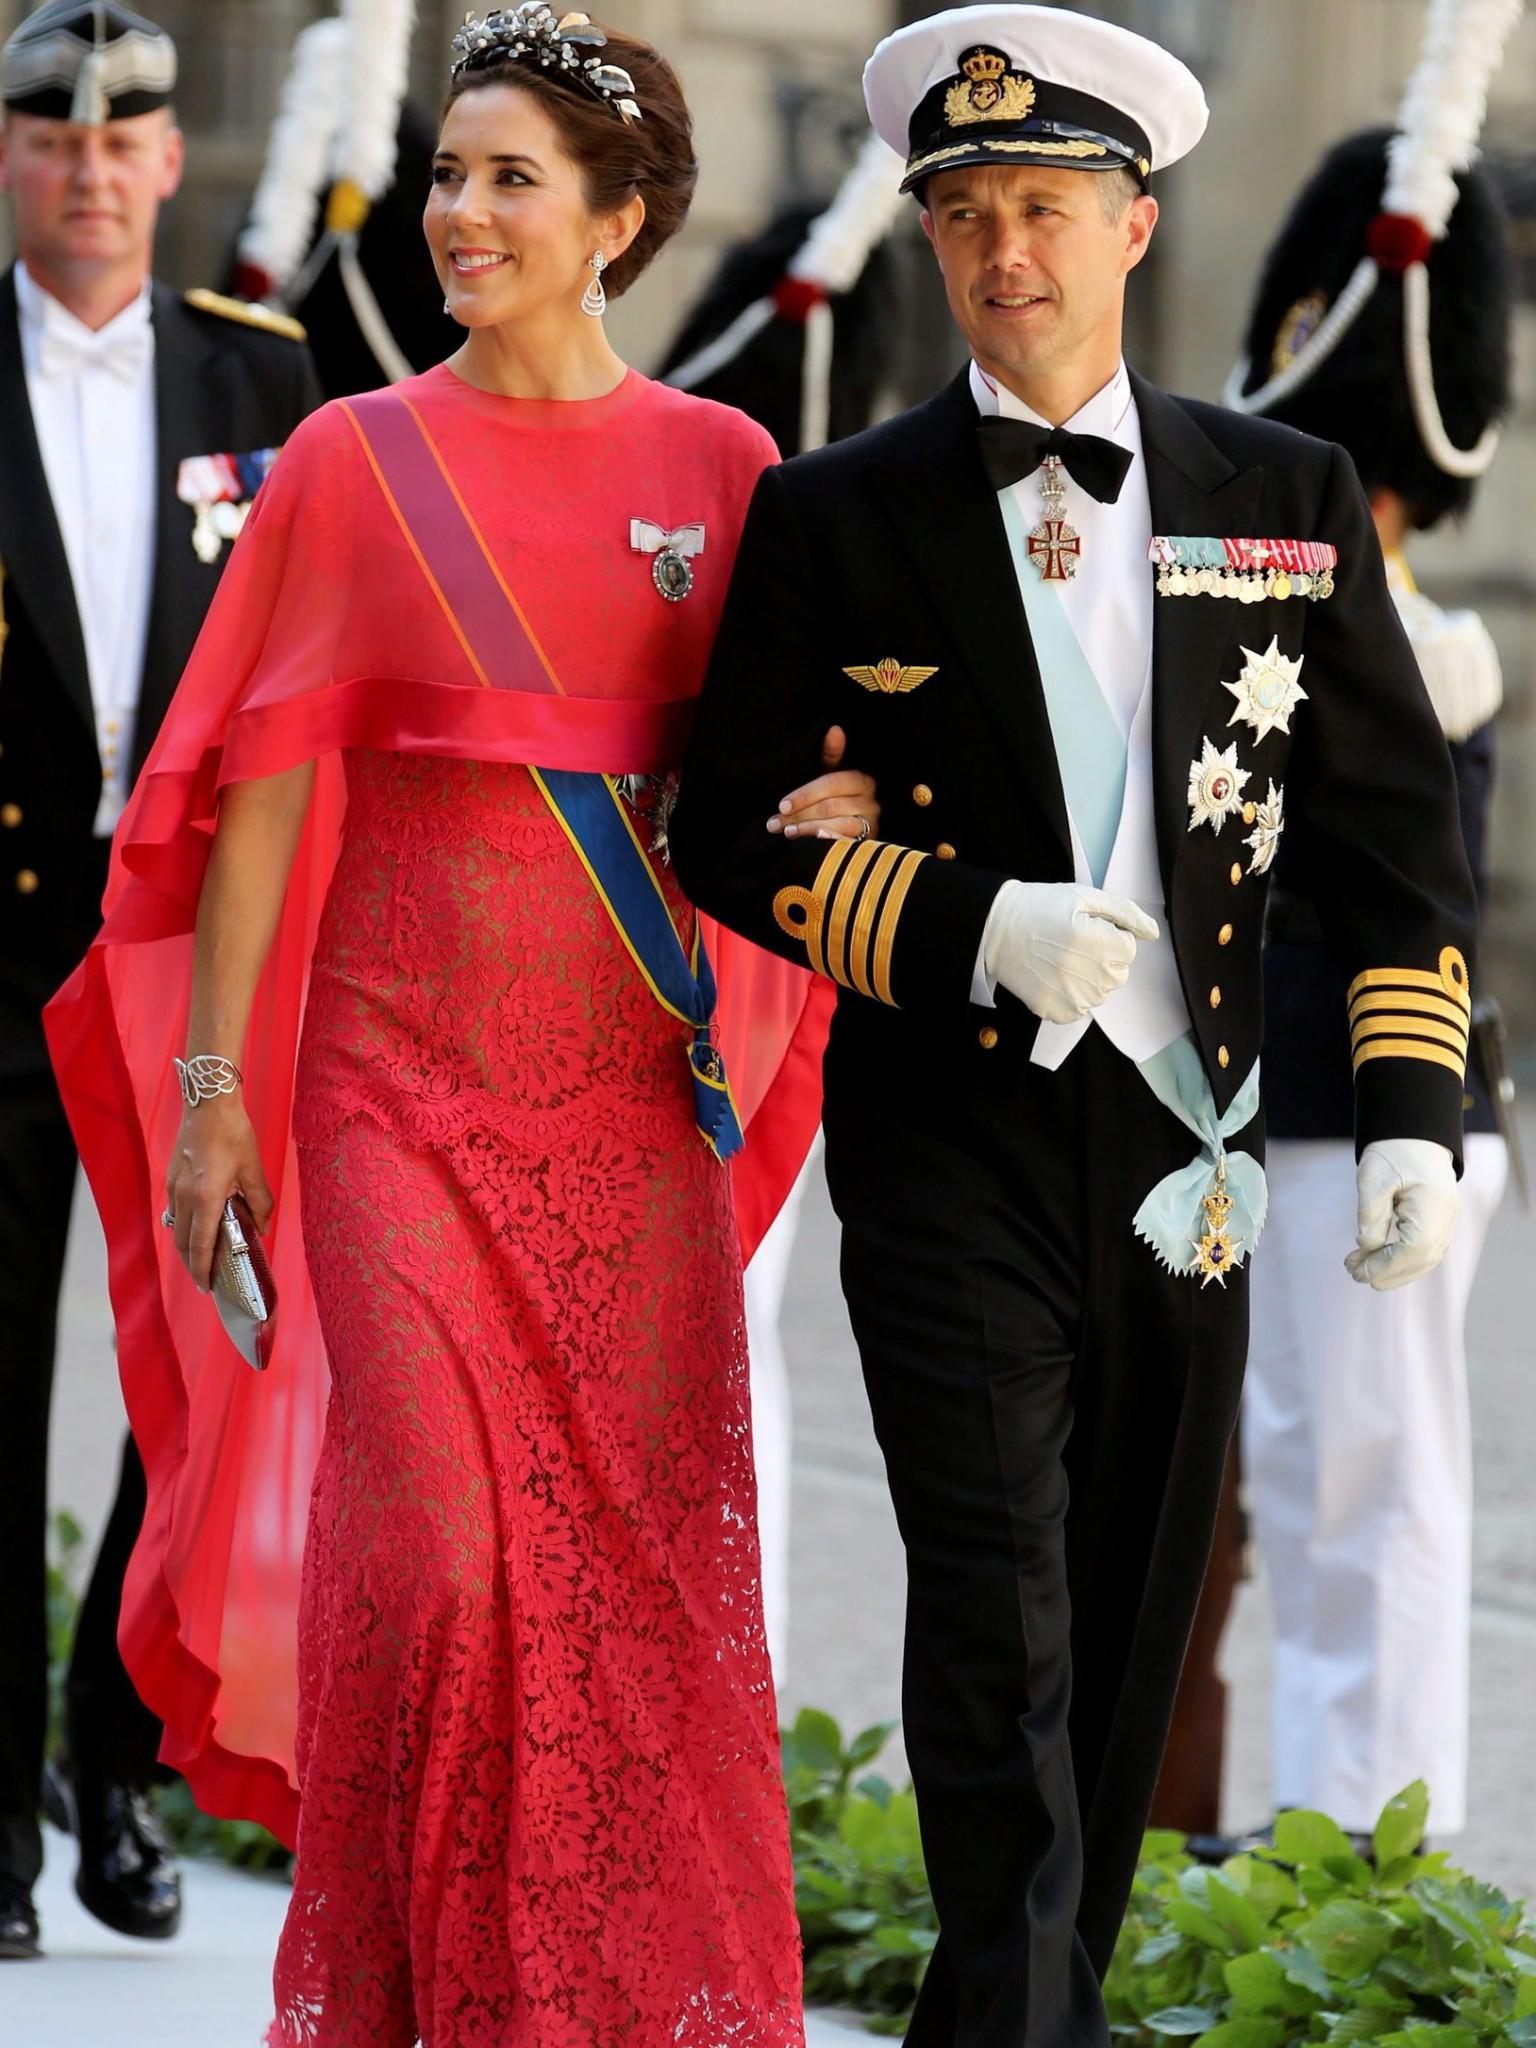 Rote kleider schweden hochzeit